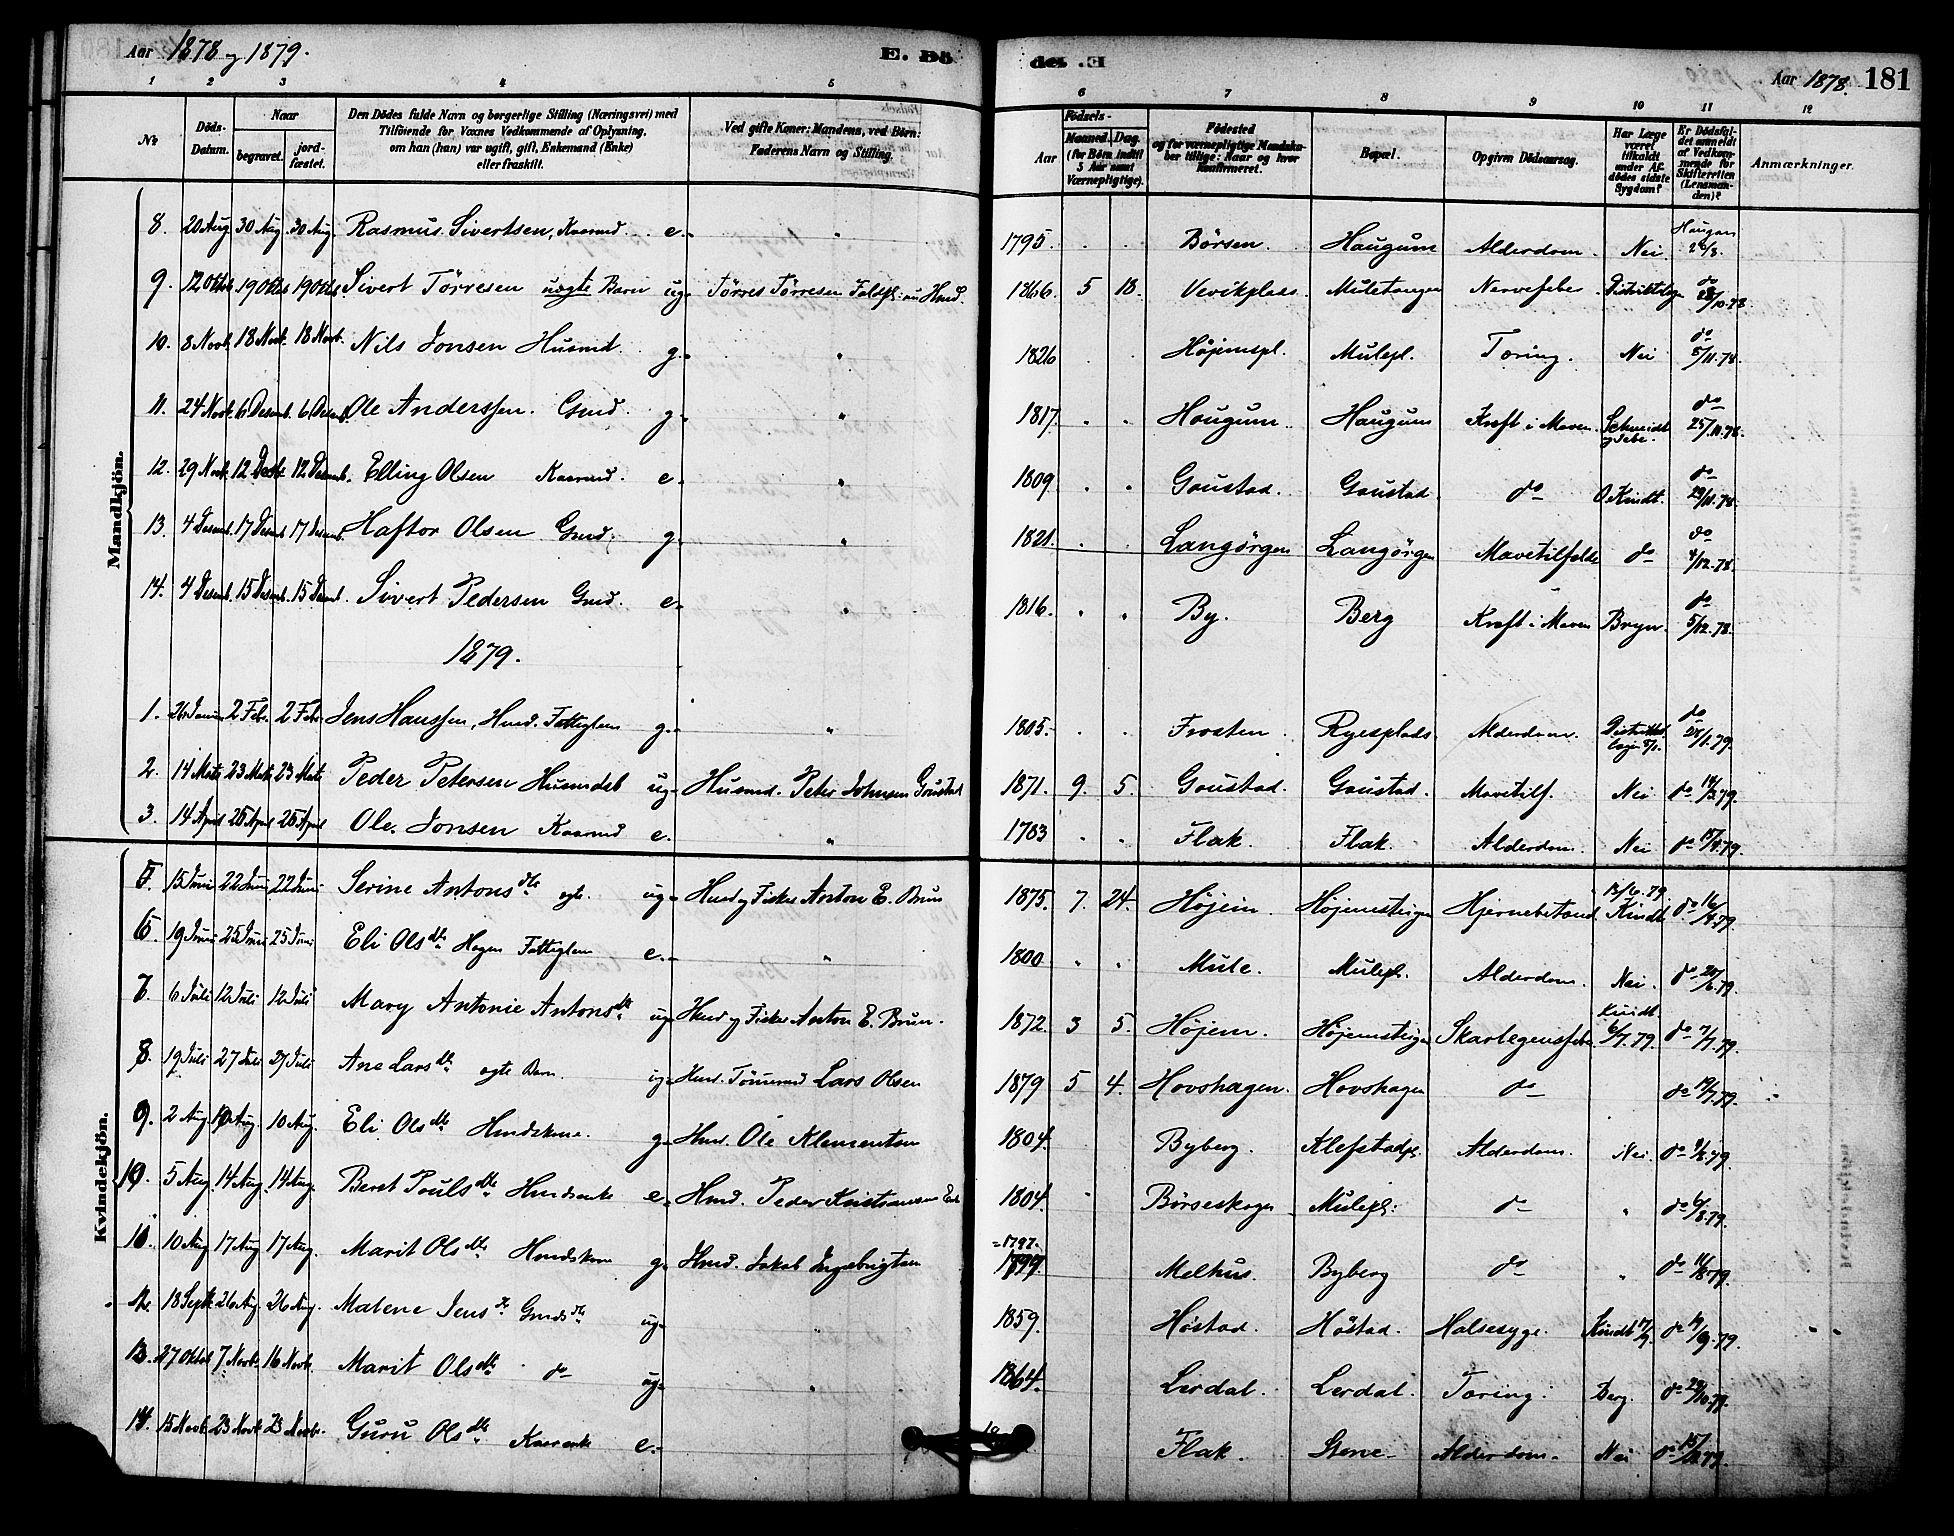 SAT, Ministerialprotokoller, klokkerbøker og fødselsregistre - Sør-Trøndelag, 612/L0378: Ministerialbok nr. 612A10, 1878-1897, s. 181